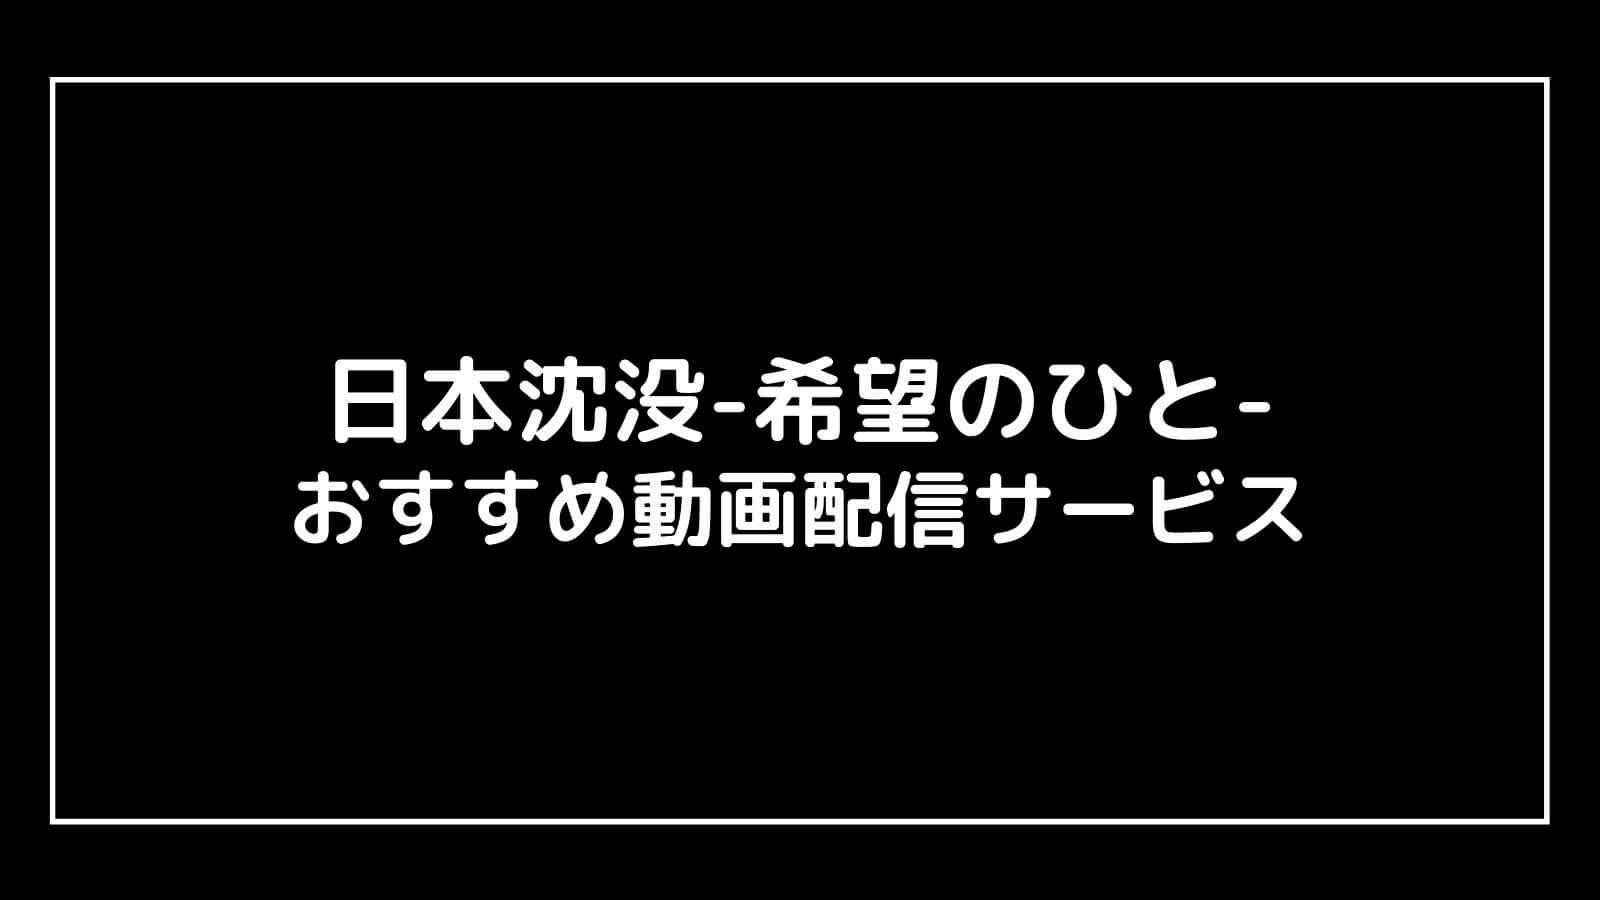 『日本沈没 希望のひと』見逃し無料配信を全話視聴できる動画サイト